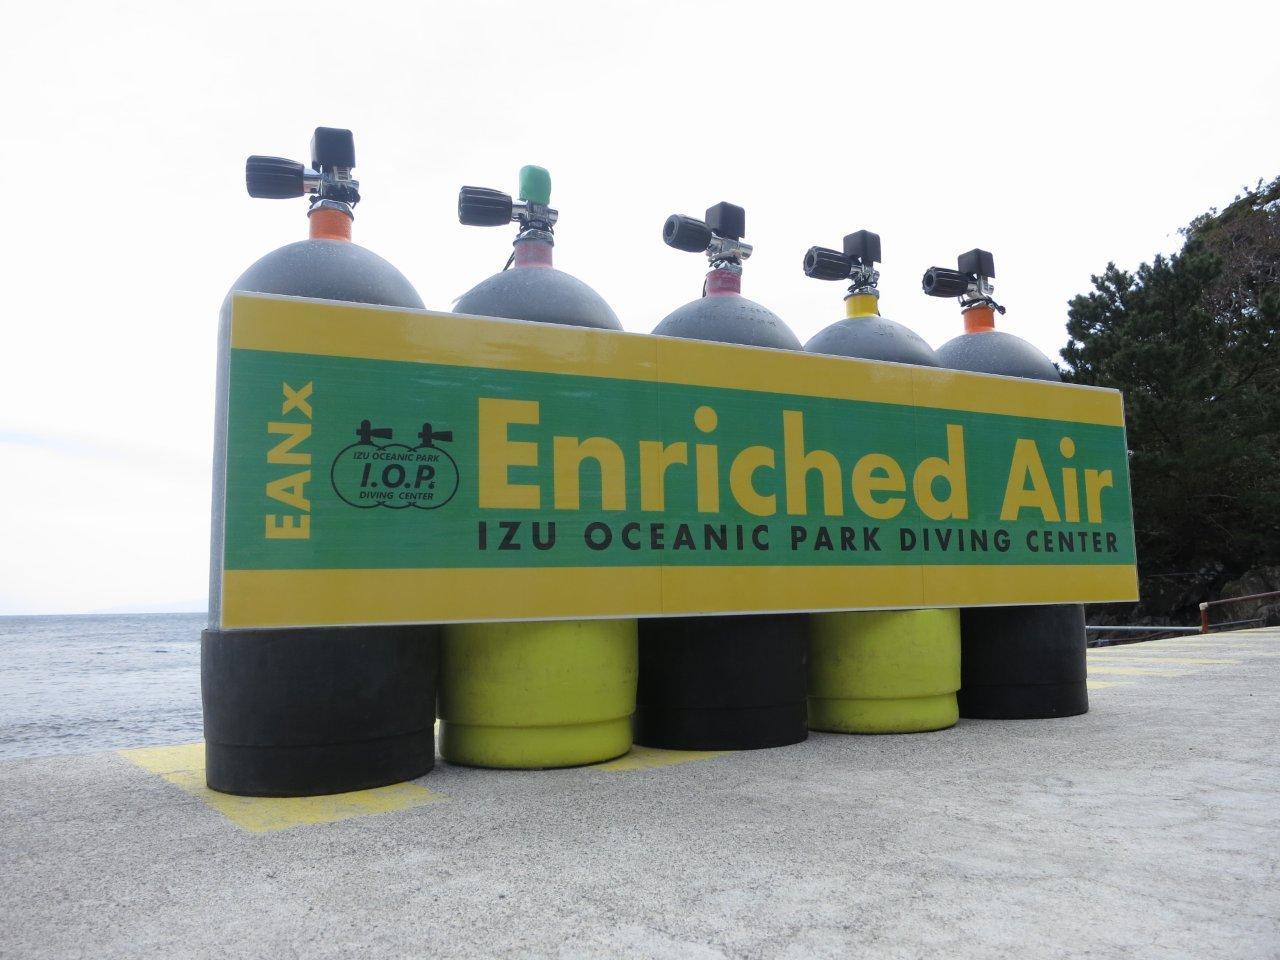 <ナイトロックス(エンリッチドエア)2ダイブ>高濃度酸素含有タンク利用! 15....